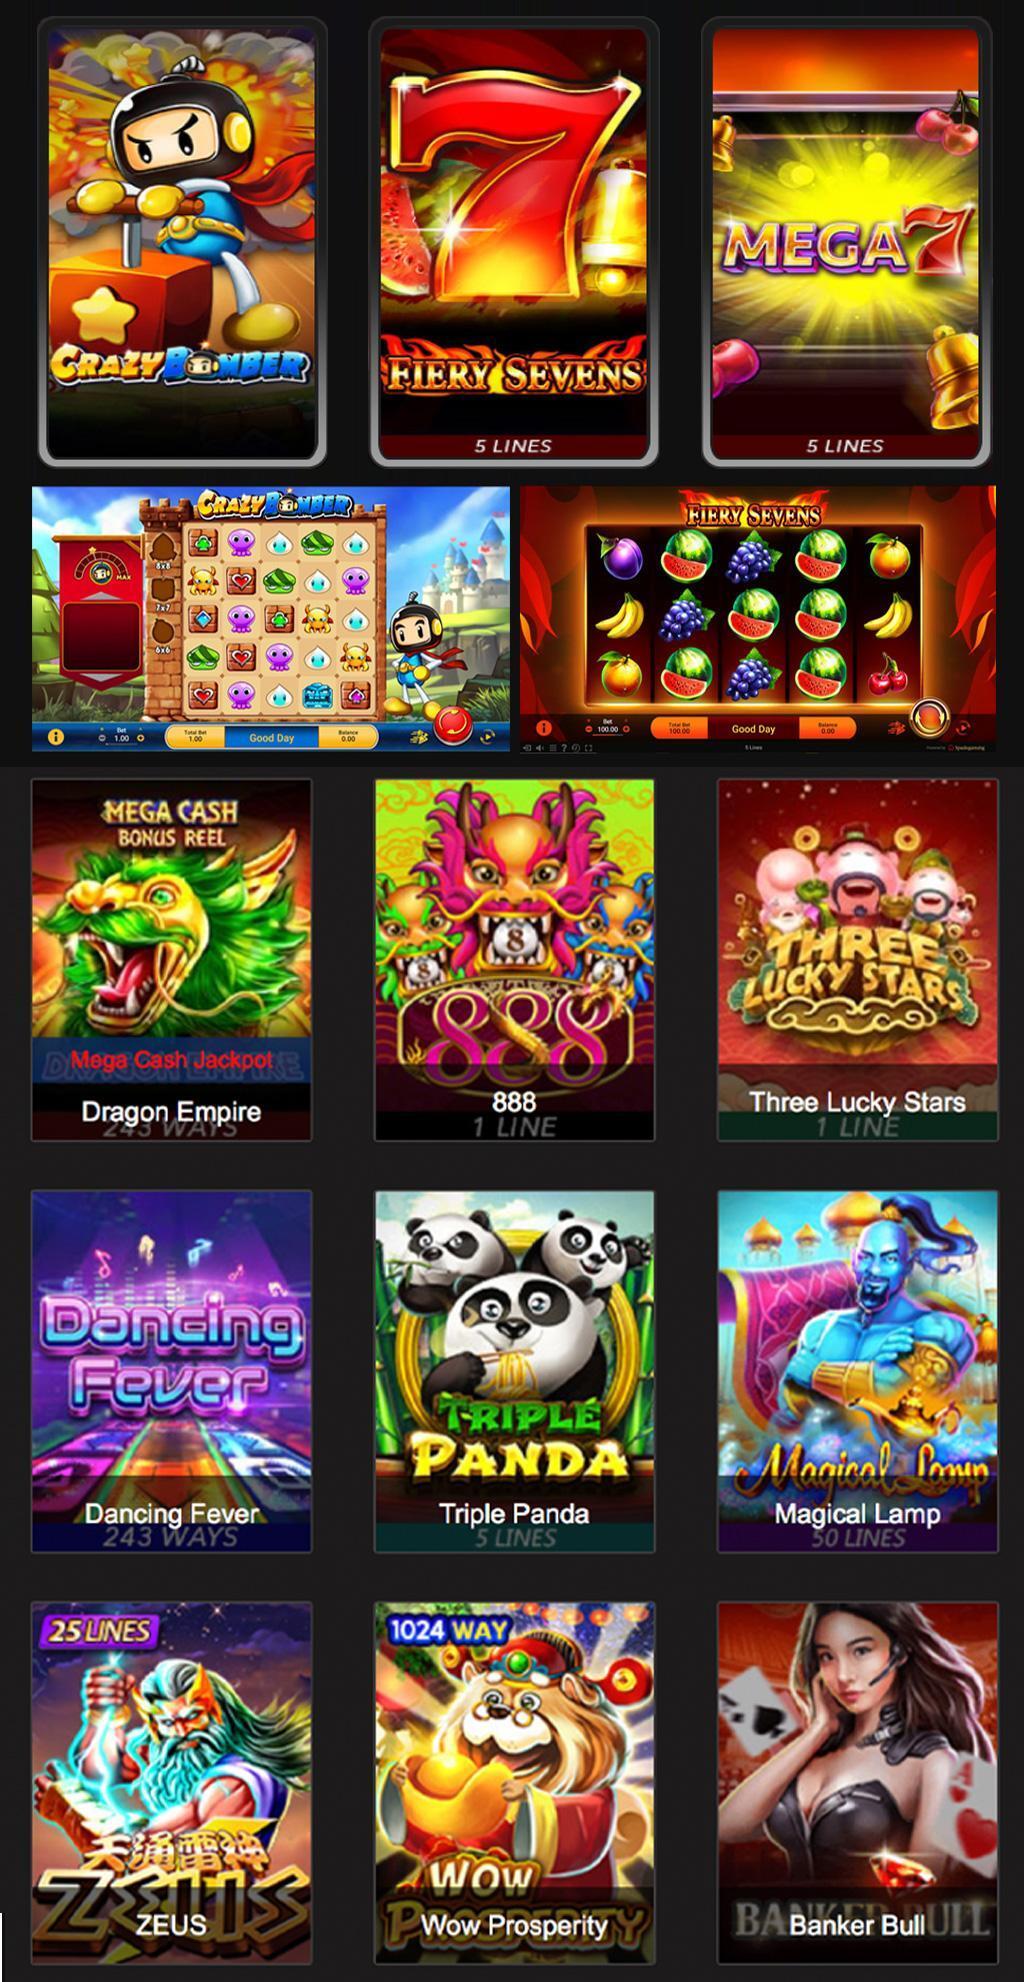 Slot Online Spadegaming Judi Slot Uang Asli Mudah Menang Viva99